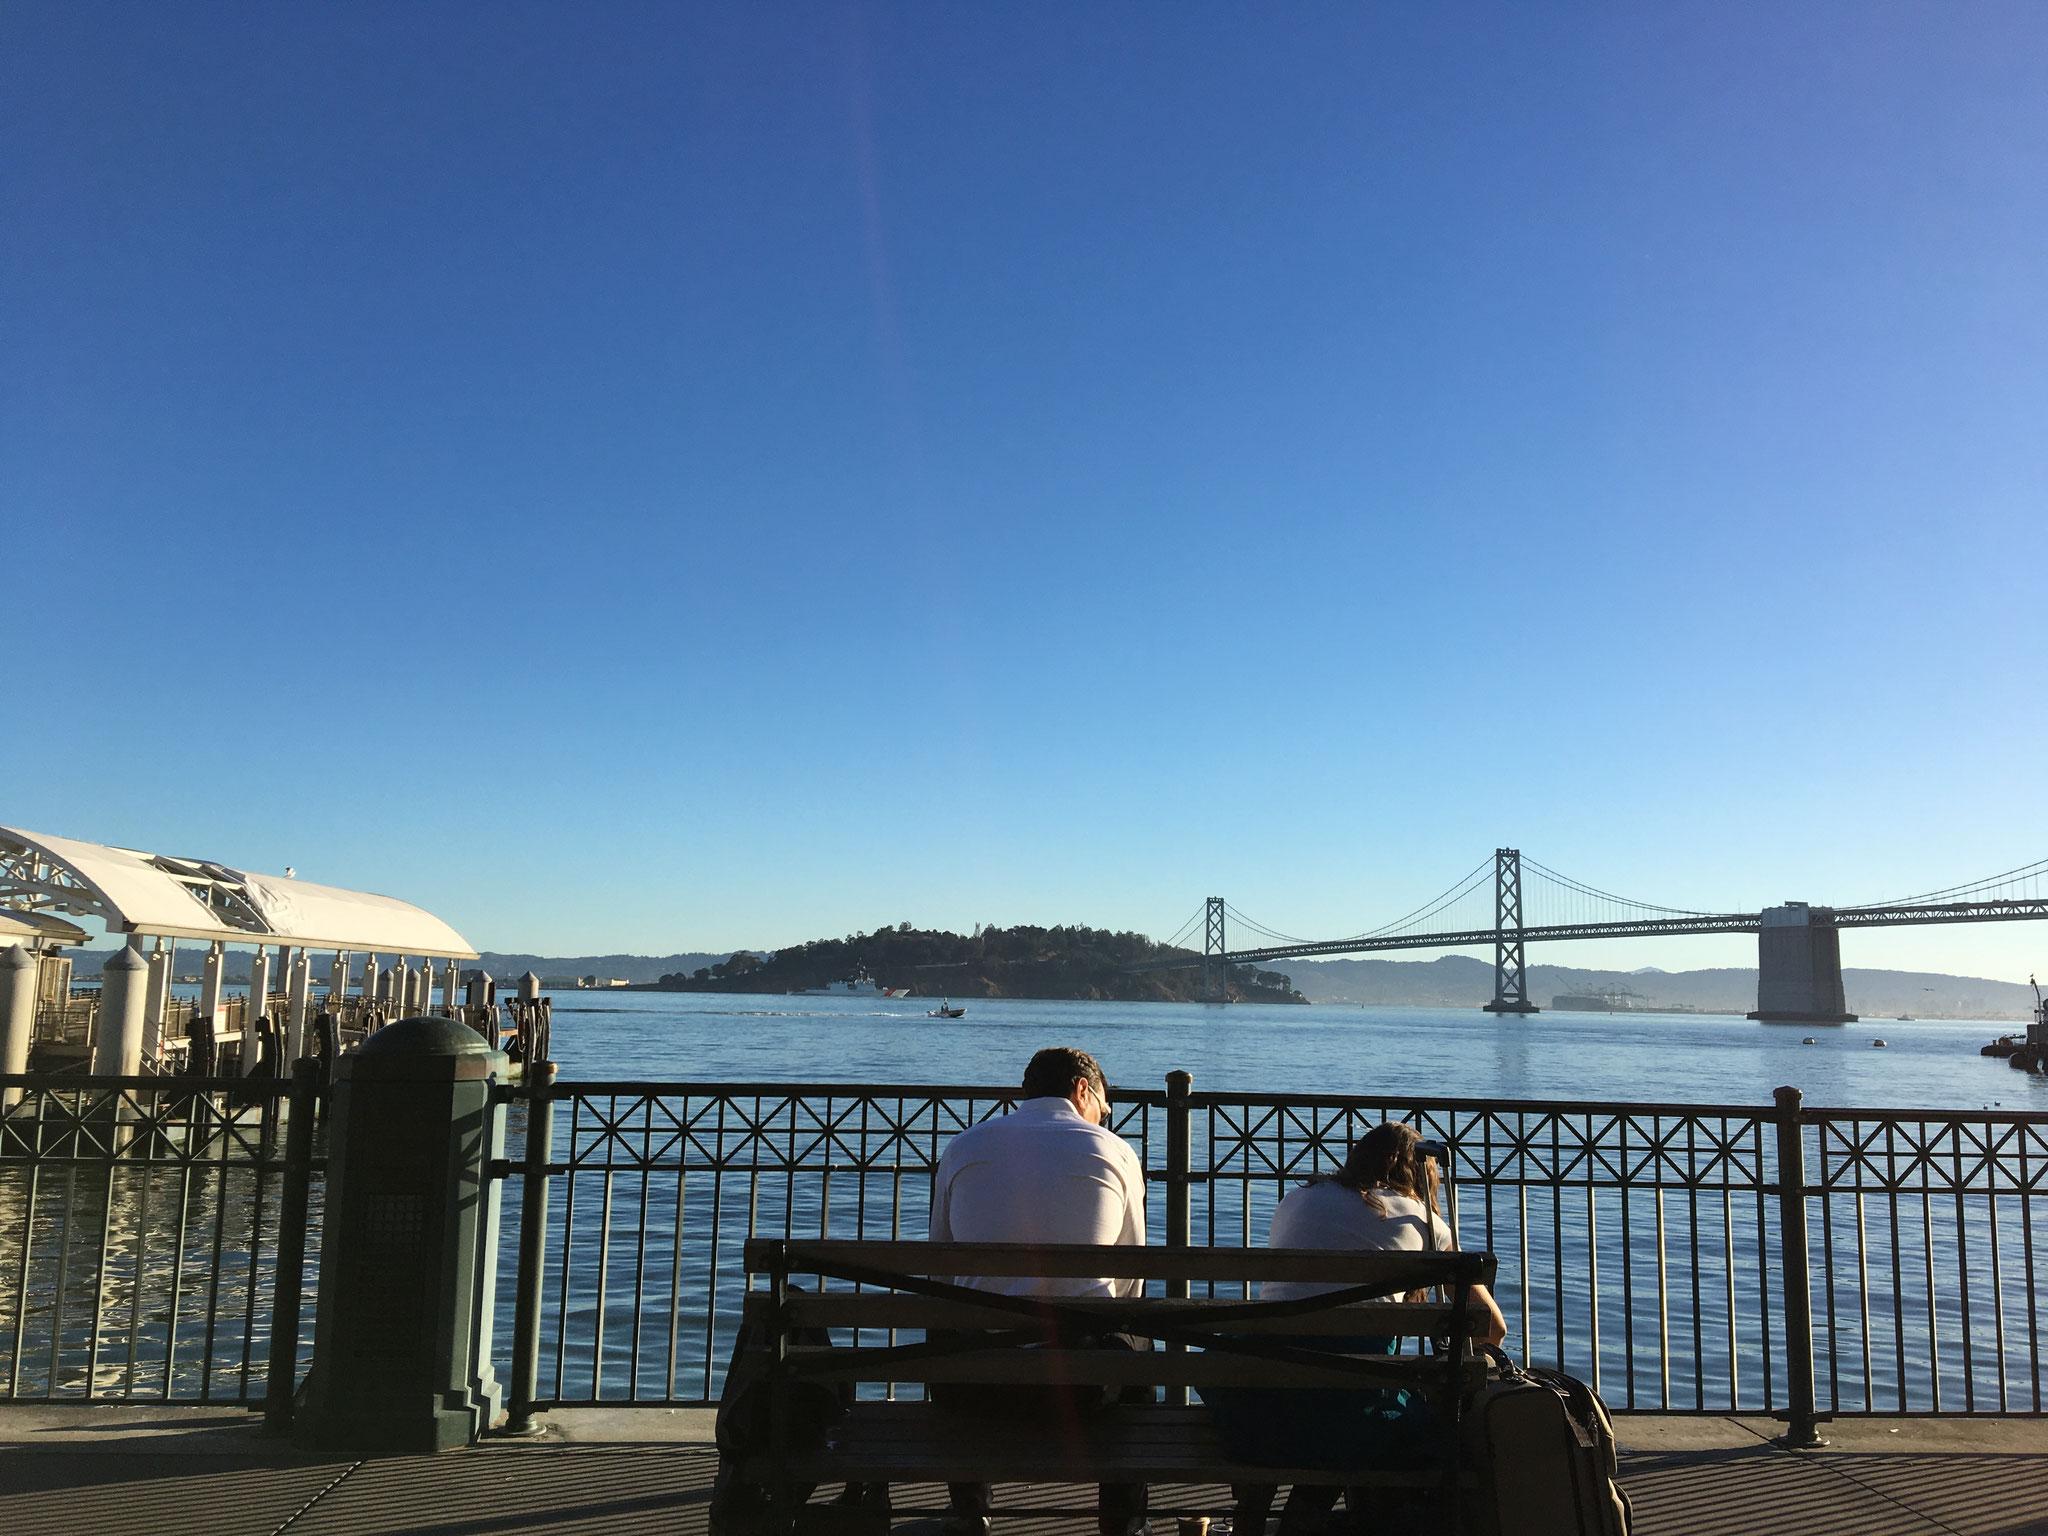 サンフランシスコ湾の眺めは最高 この後向い側のバークレーへ